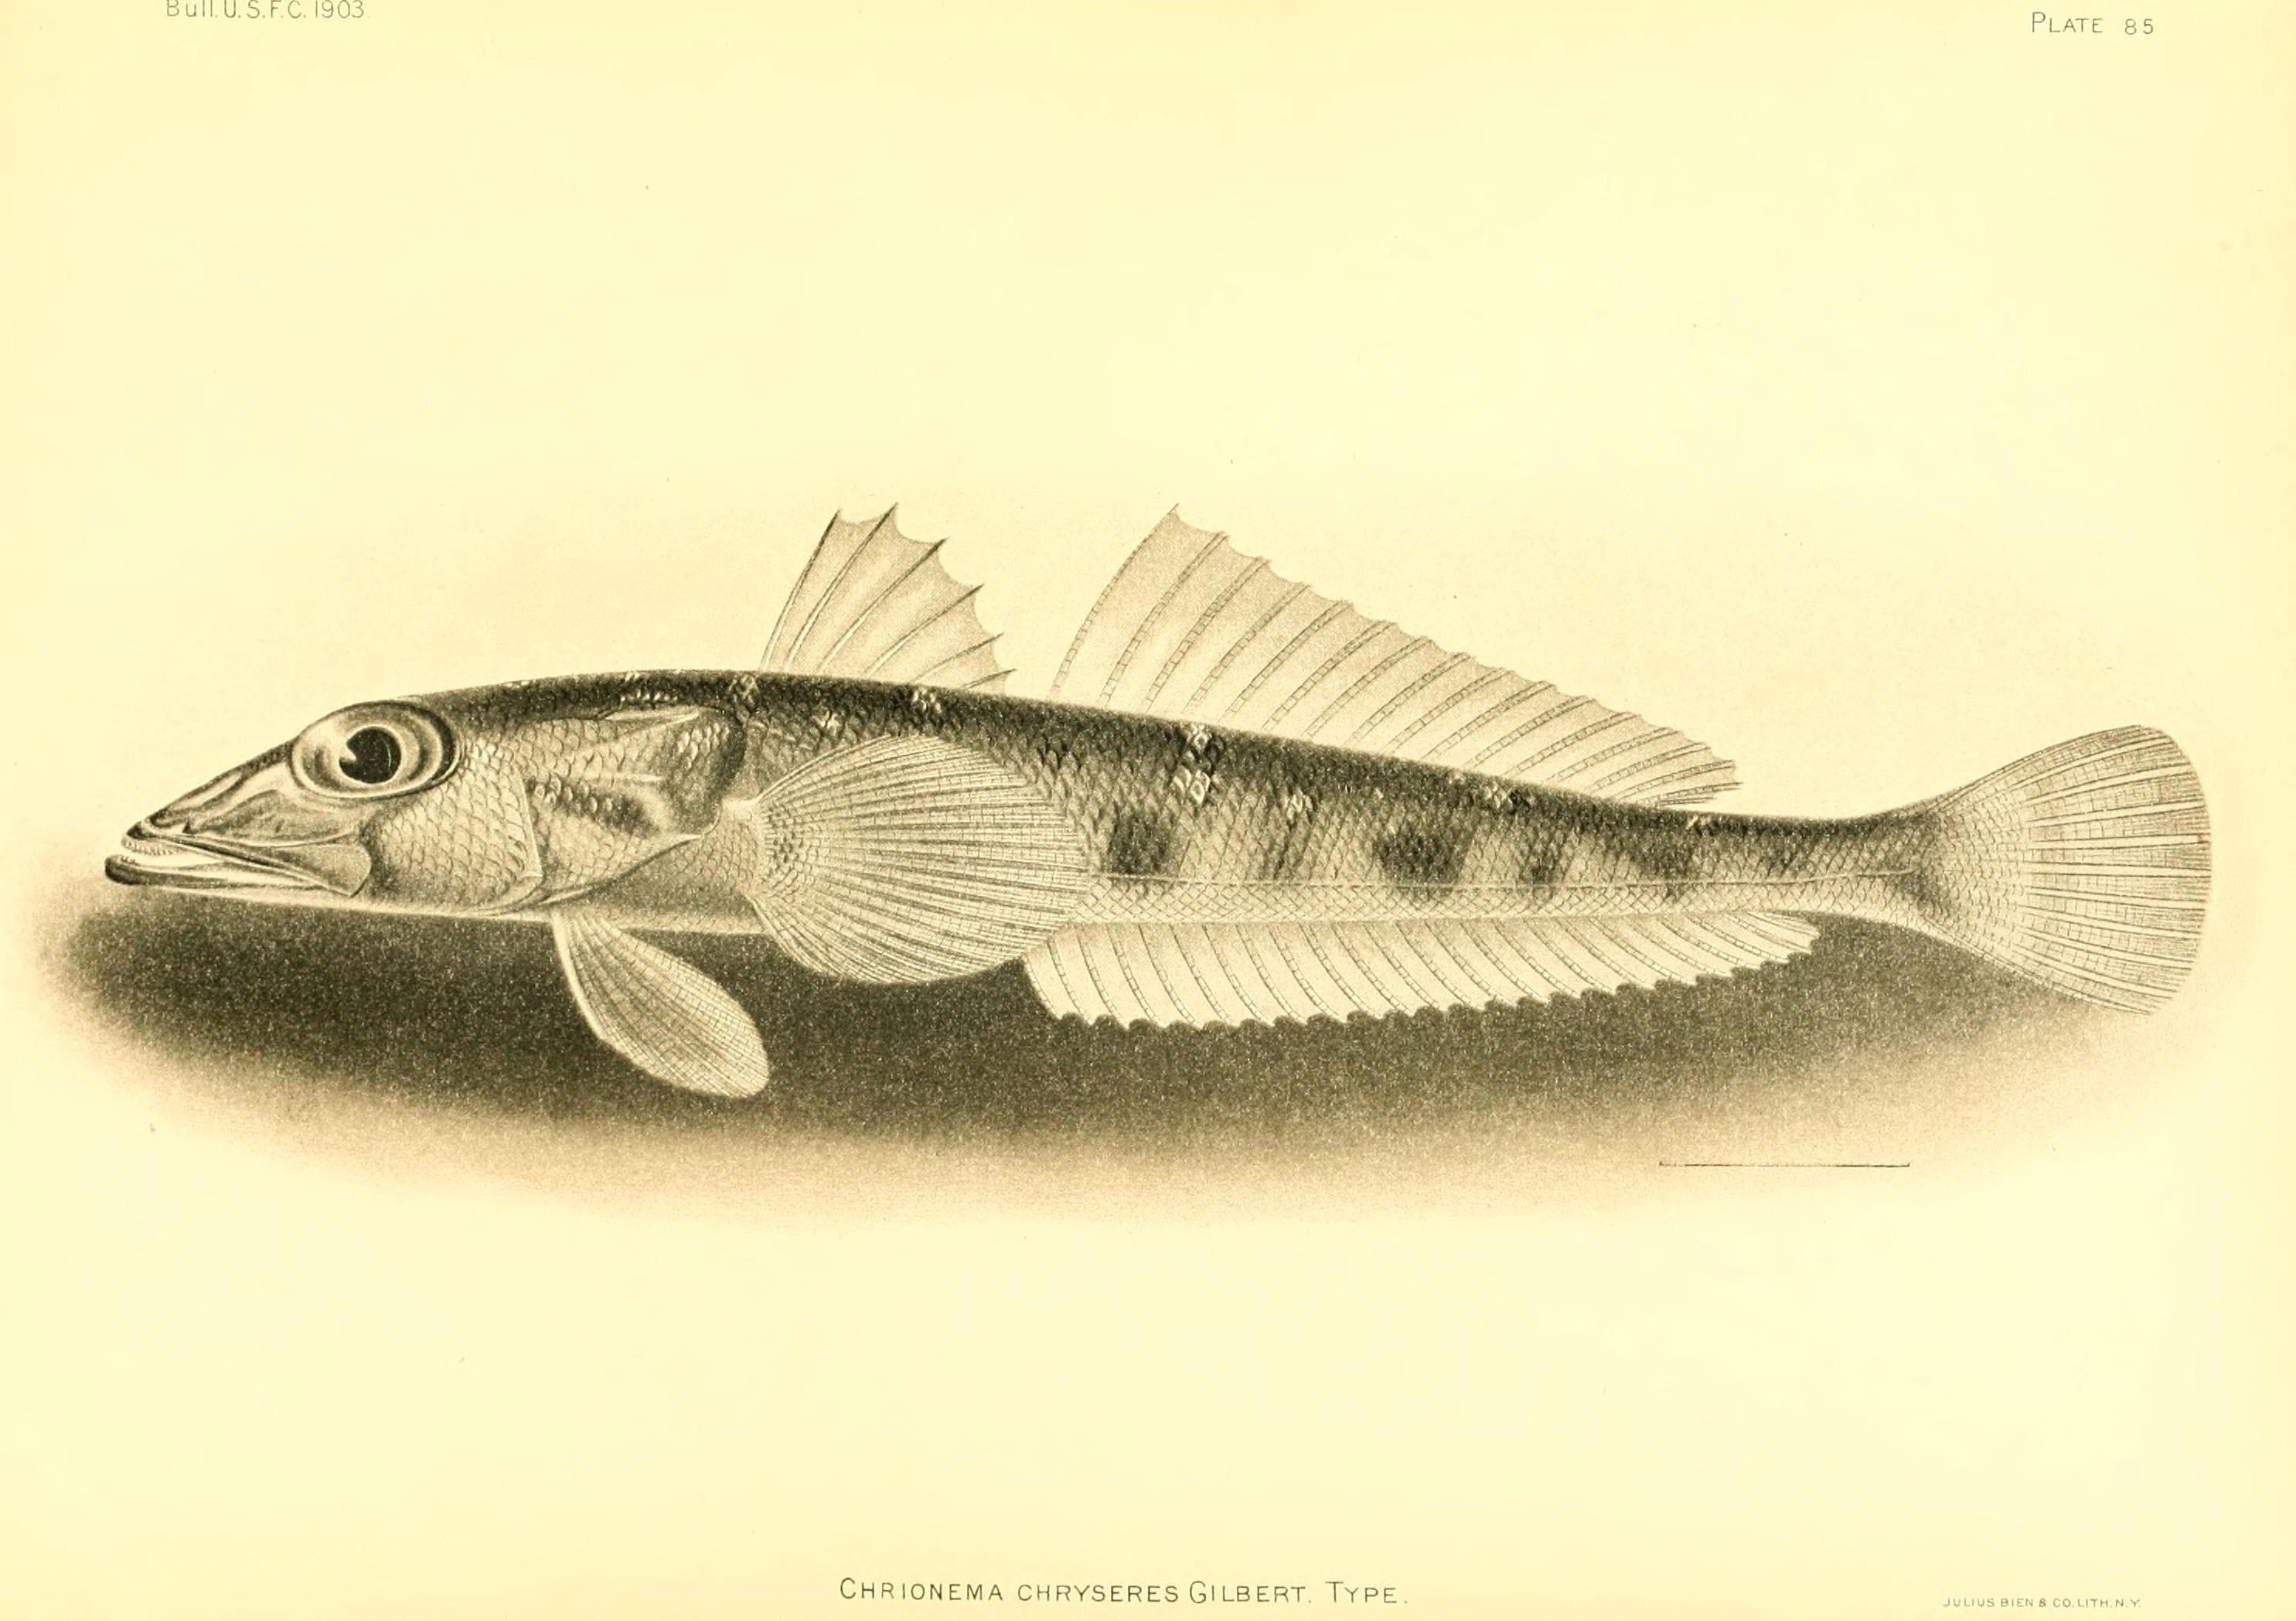 Image of Grubfish